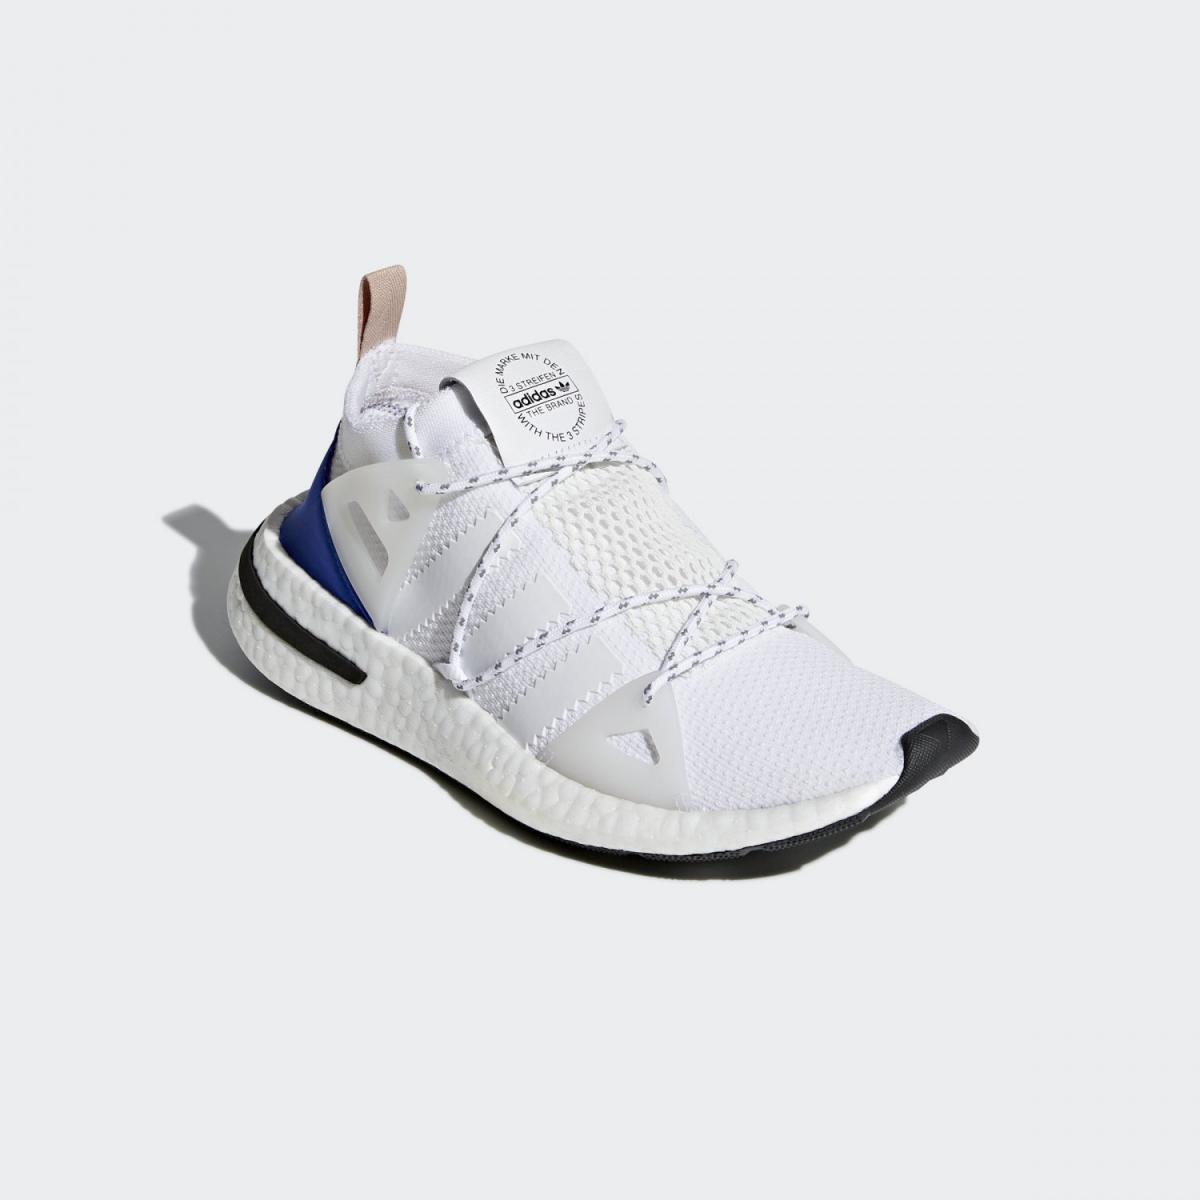 合成繊維 【公式】 アディダス CQ2748 レディース 合成皮革 ゴム底 シューズ adidas ARKYN